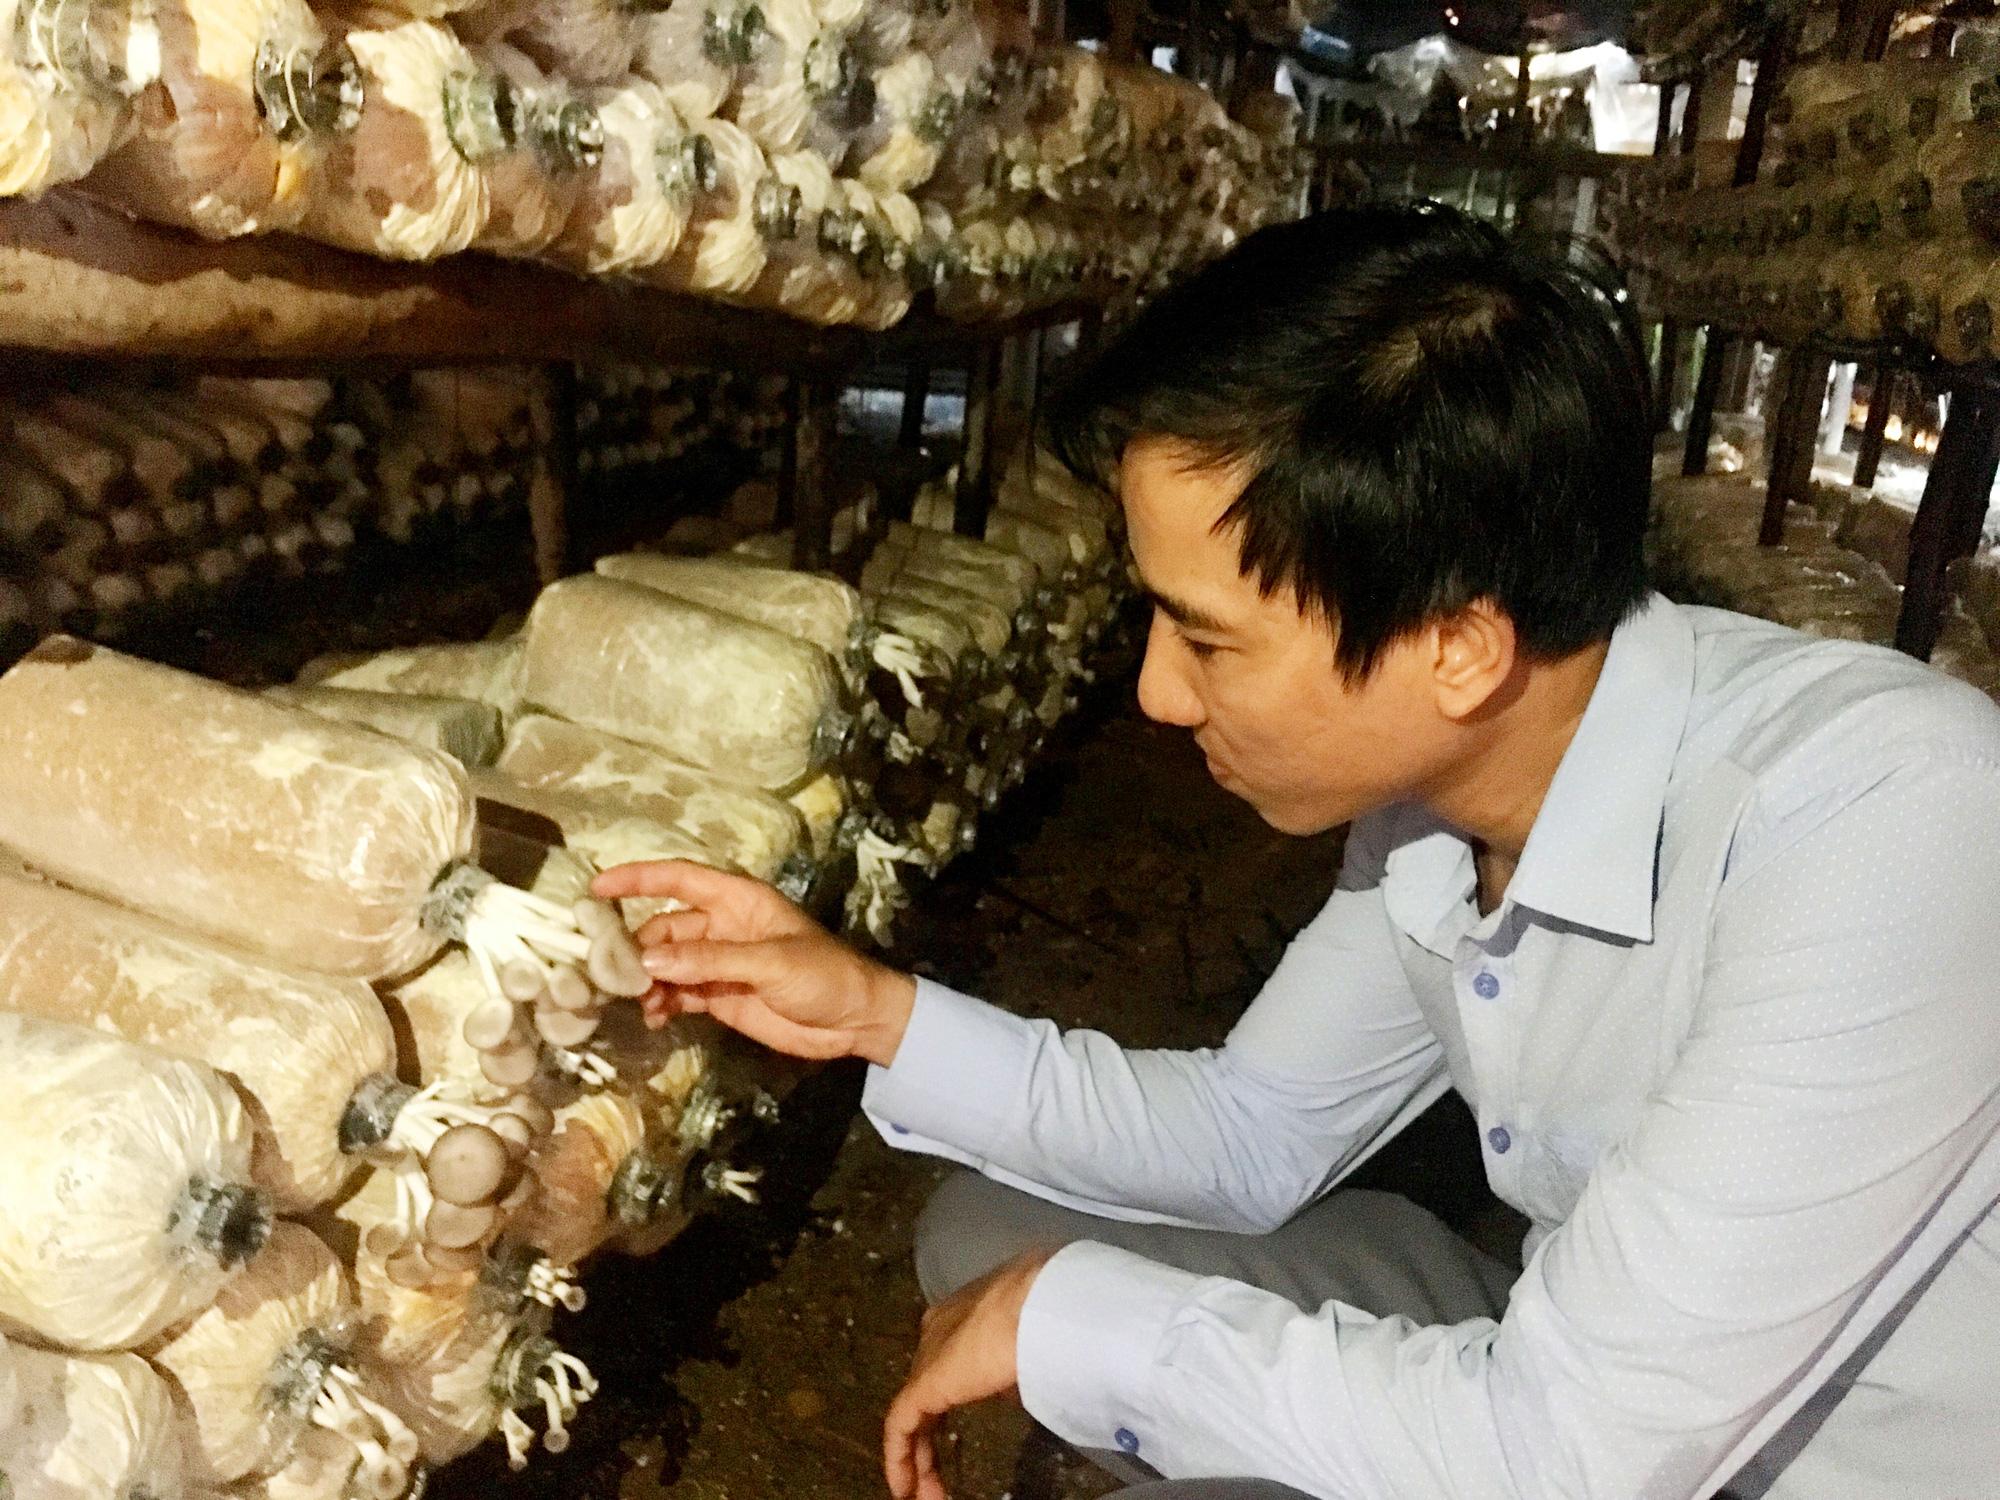 Quảng Bình: Bỏ công việc nhà nước, vợ chồng về quê trồng nấm lãi cả trăm triệu/năm  - Ảnh 1.